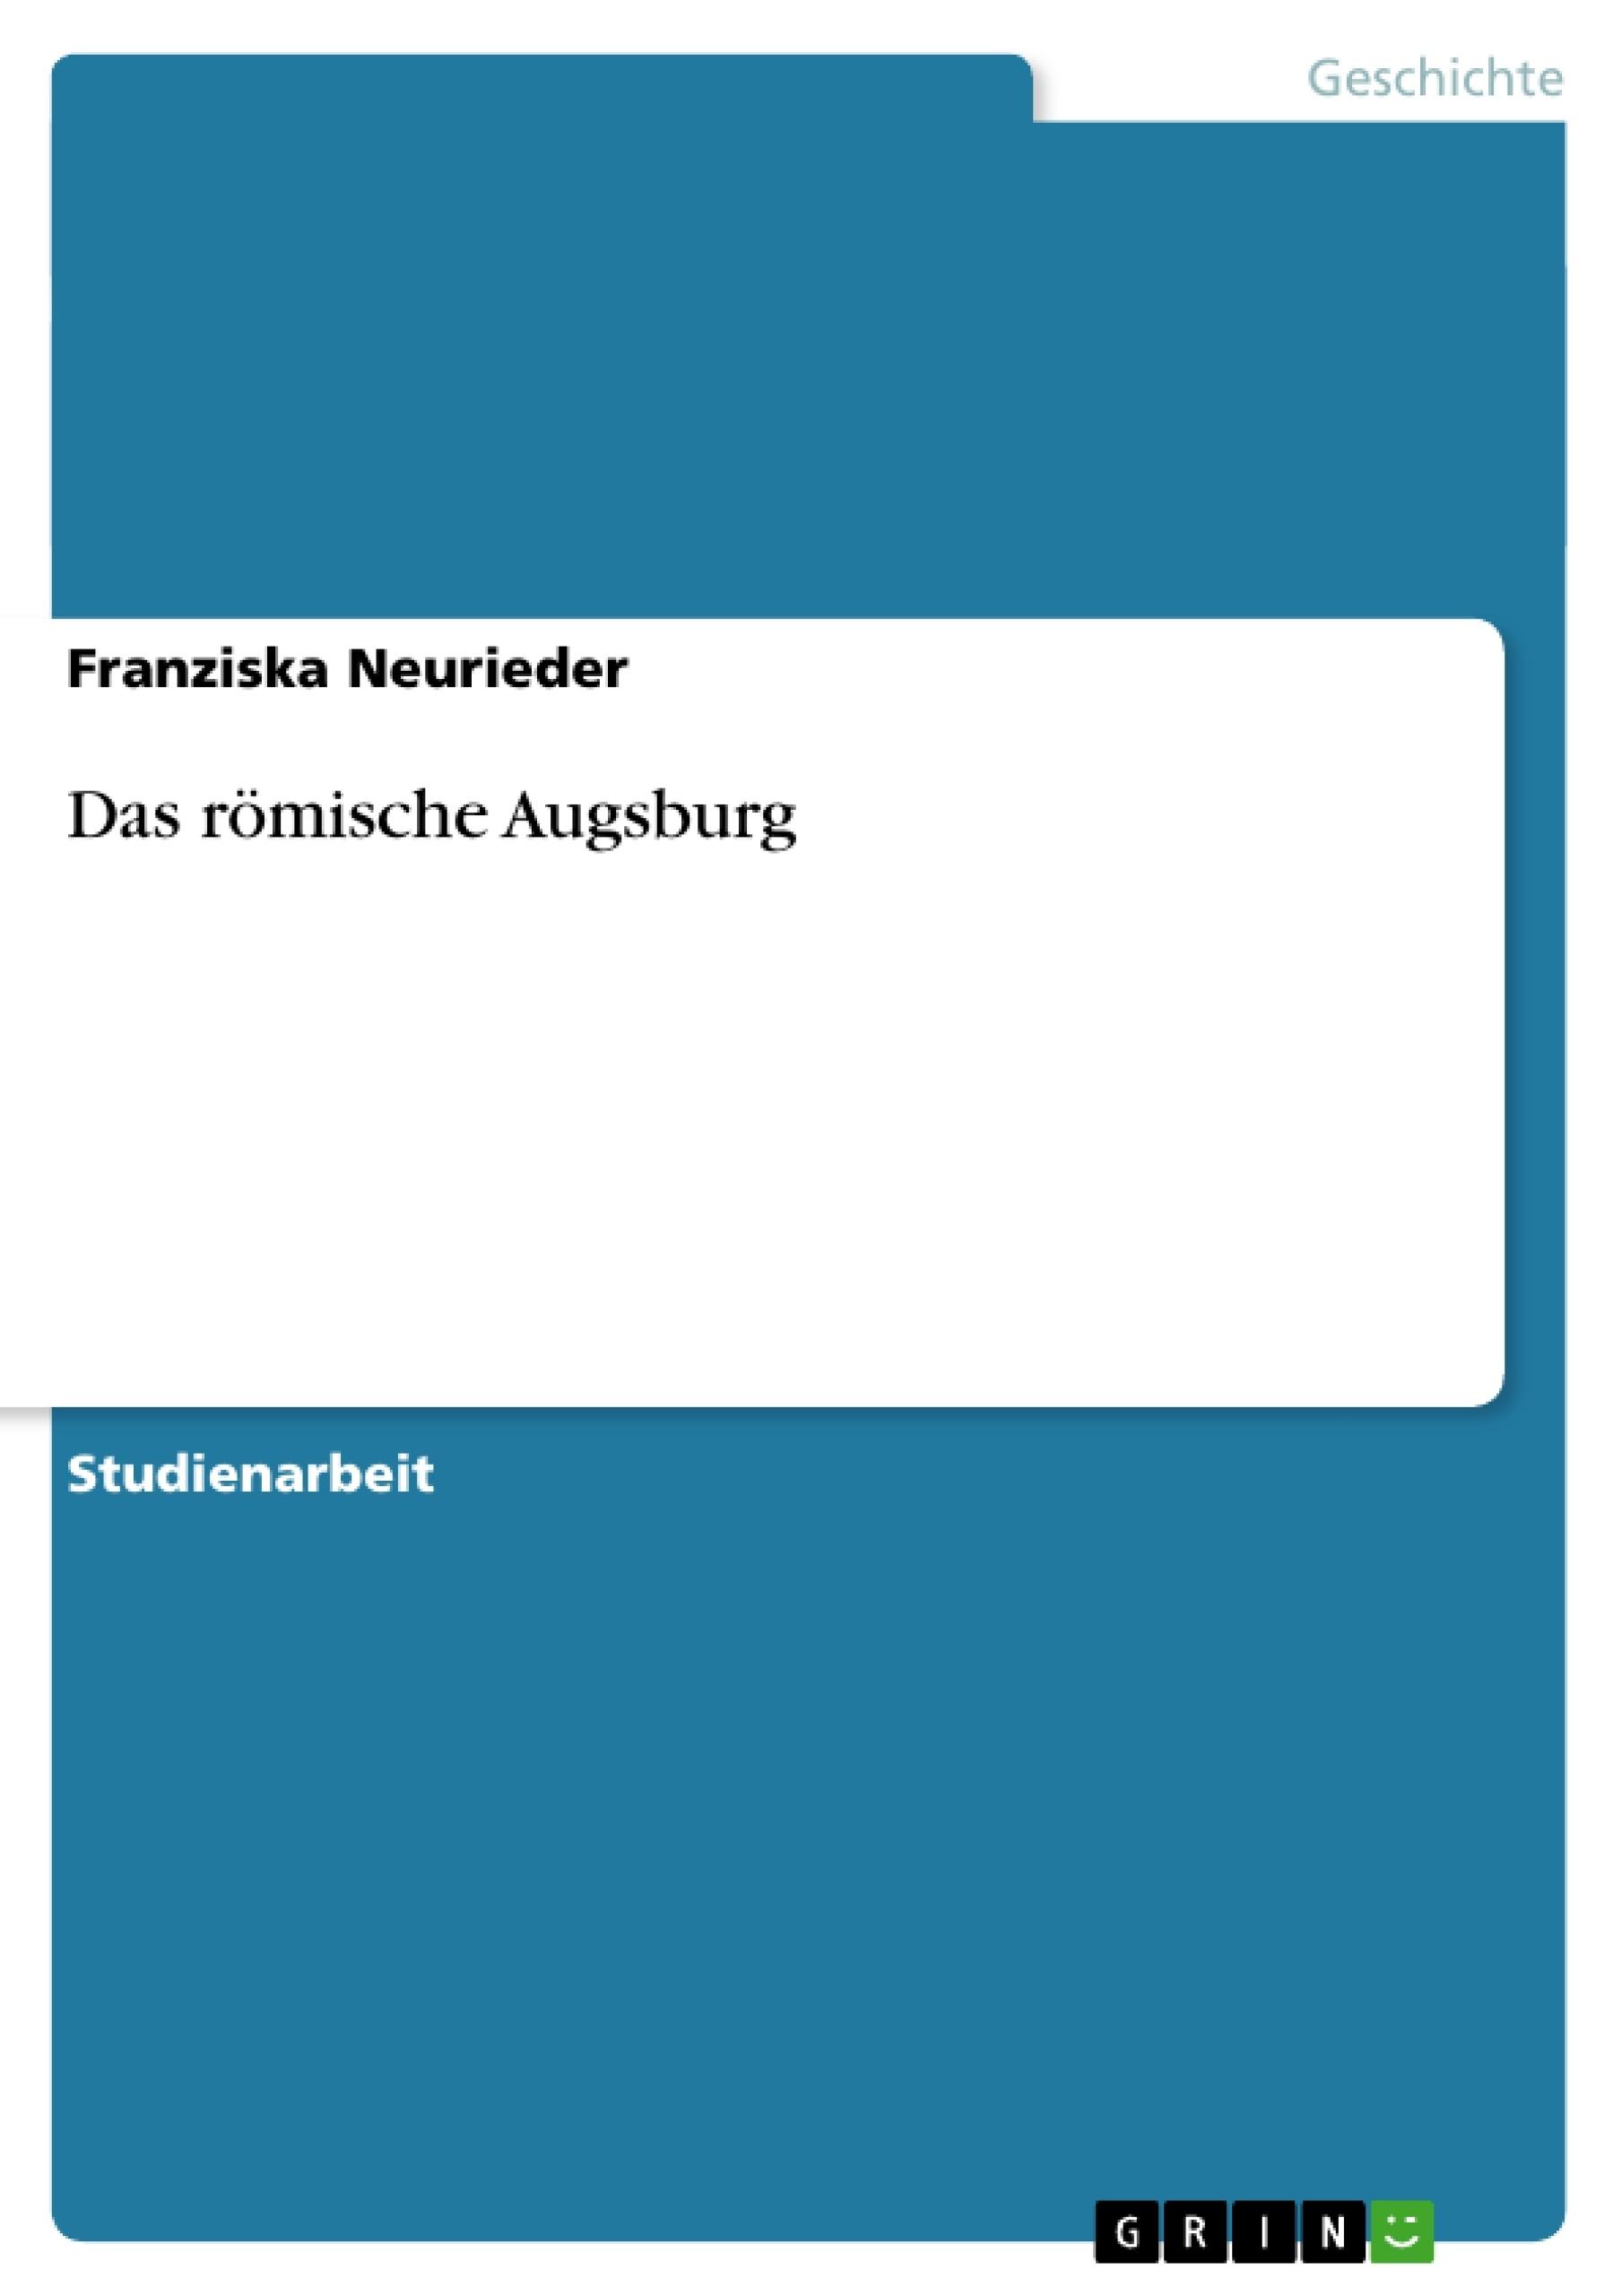 Titel: Das römische Augsburg